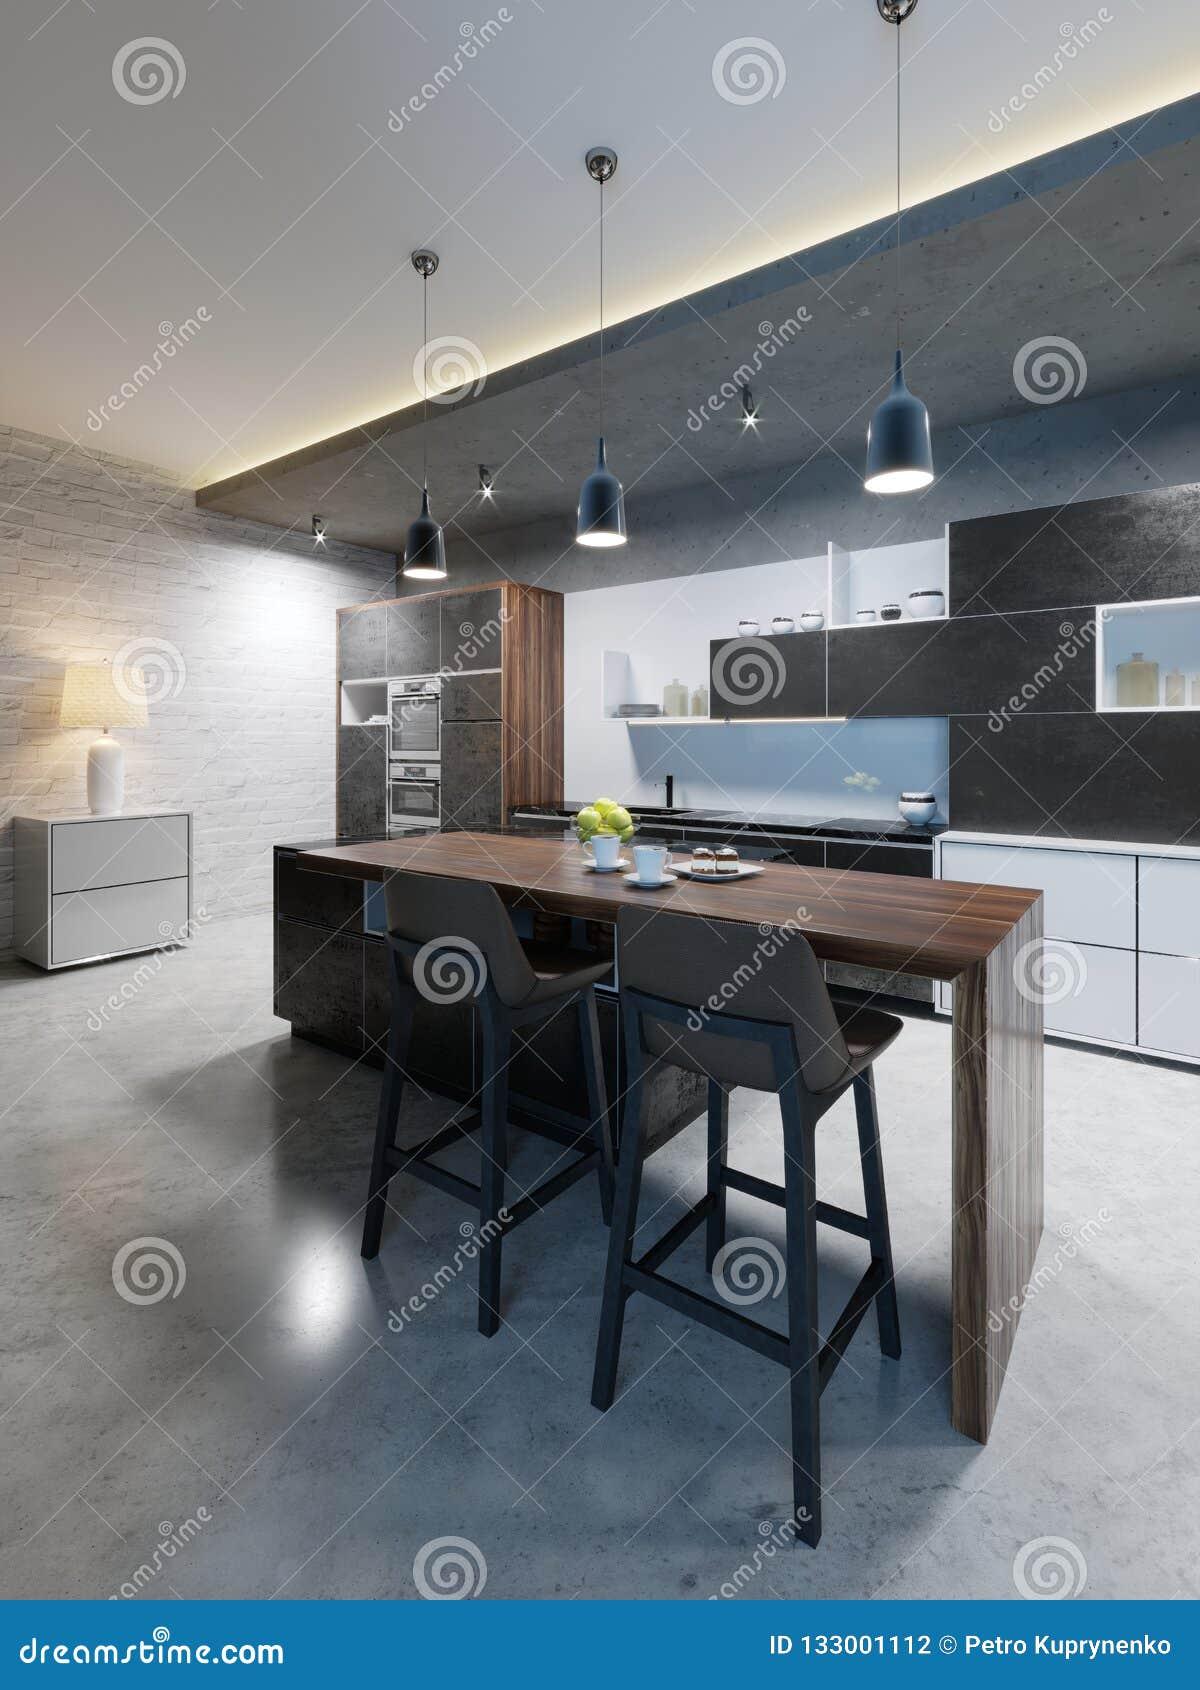 Barteller met stoelen en een keukeneiland in een moderne keuken, die verlichting gelijk maken